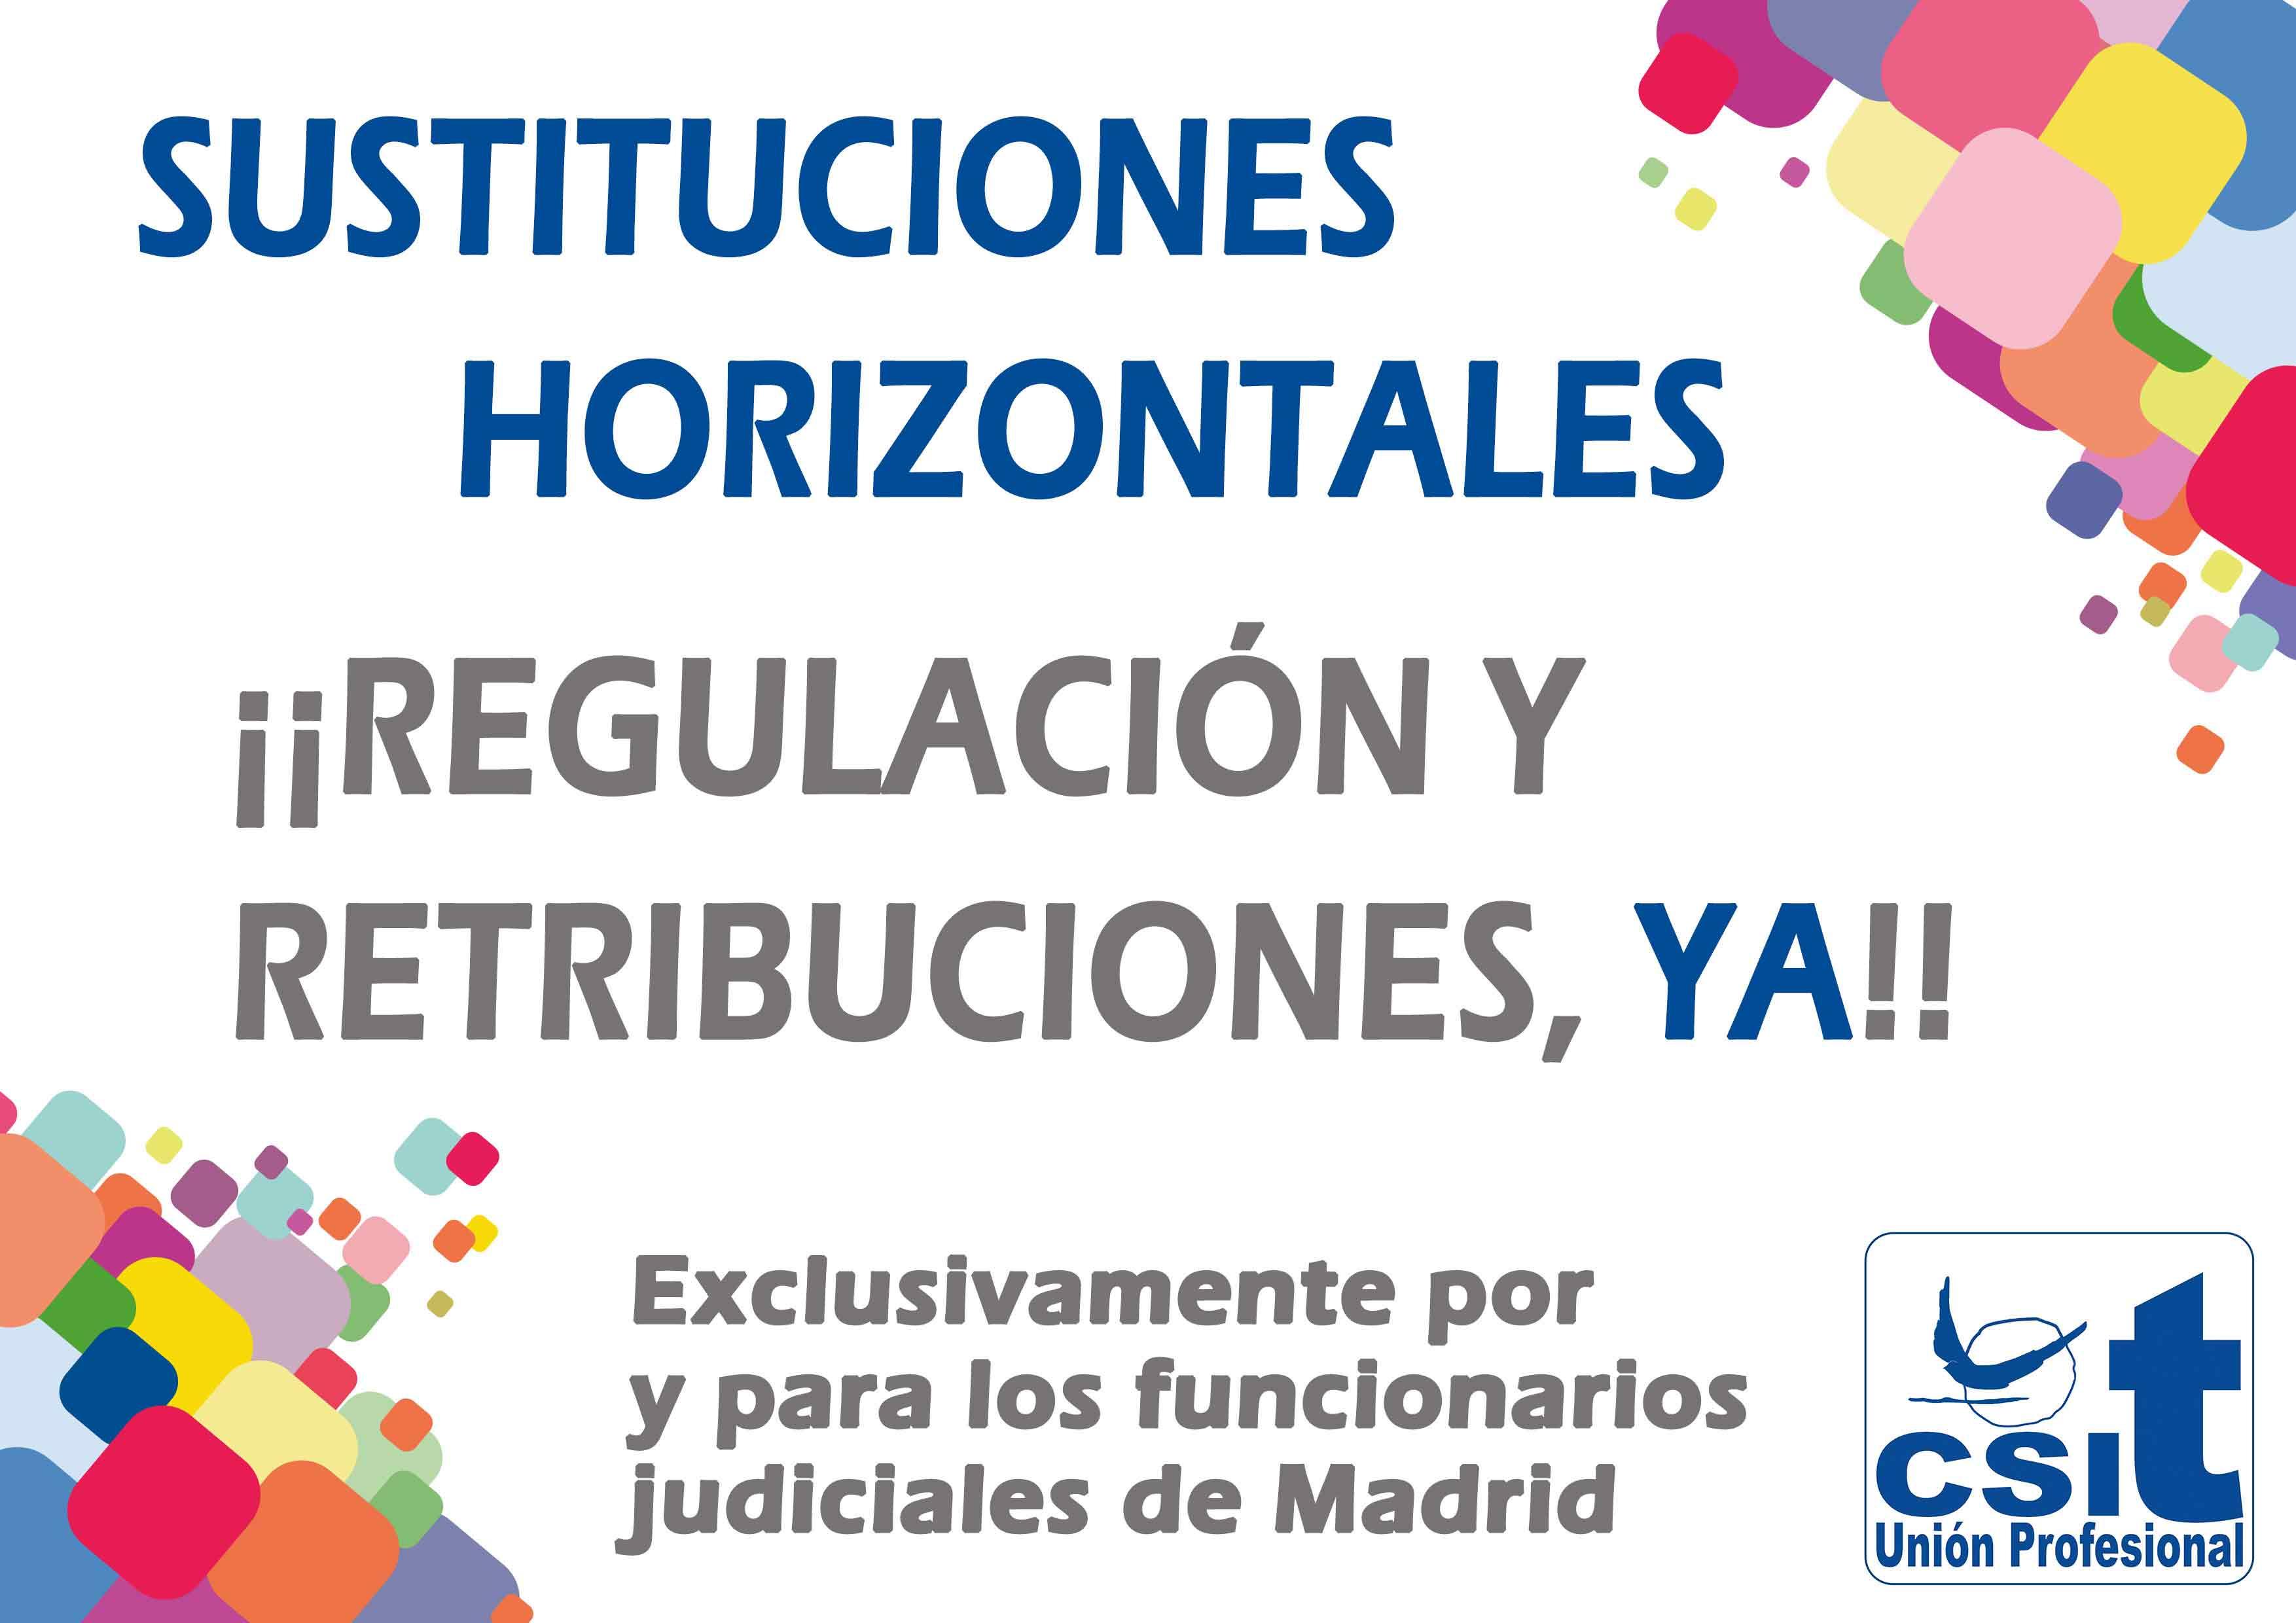 ¡¡ regulación y retribuciones de las sustituciones horizontales, ya!!